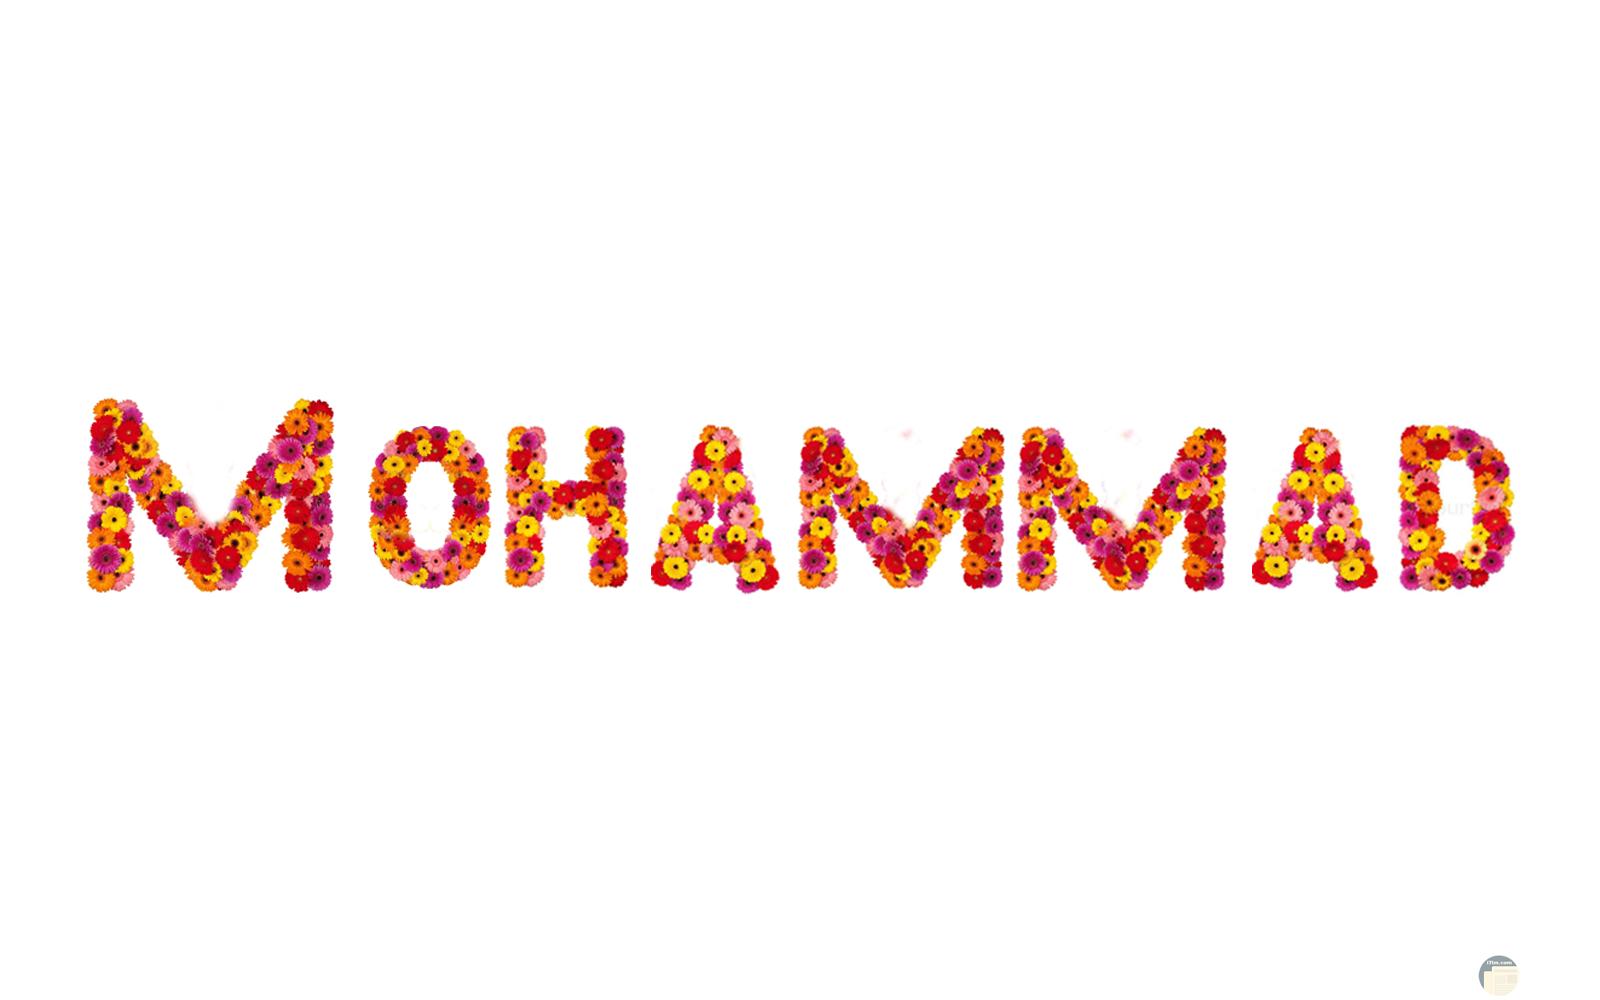 محمد صورة مكتوبة